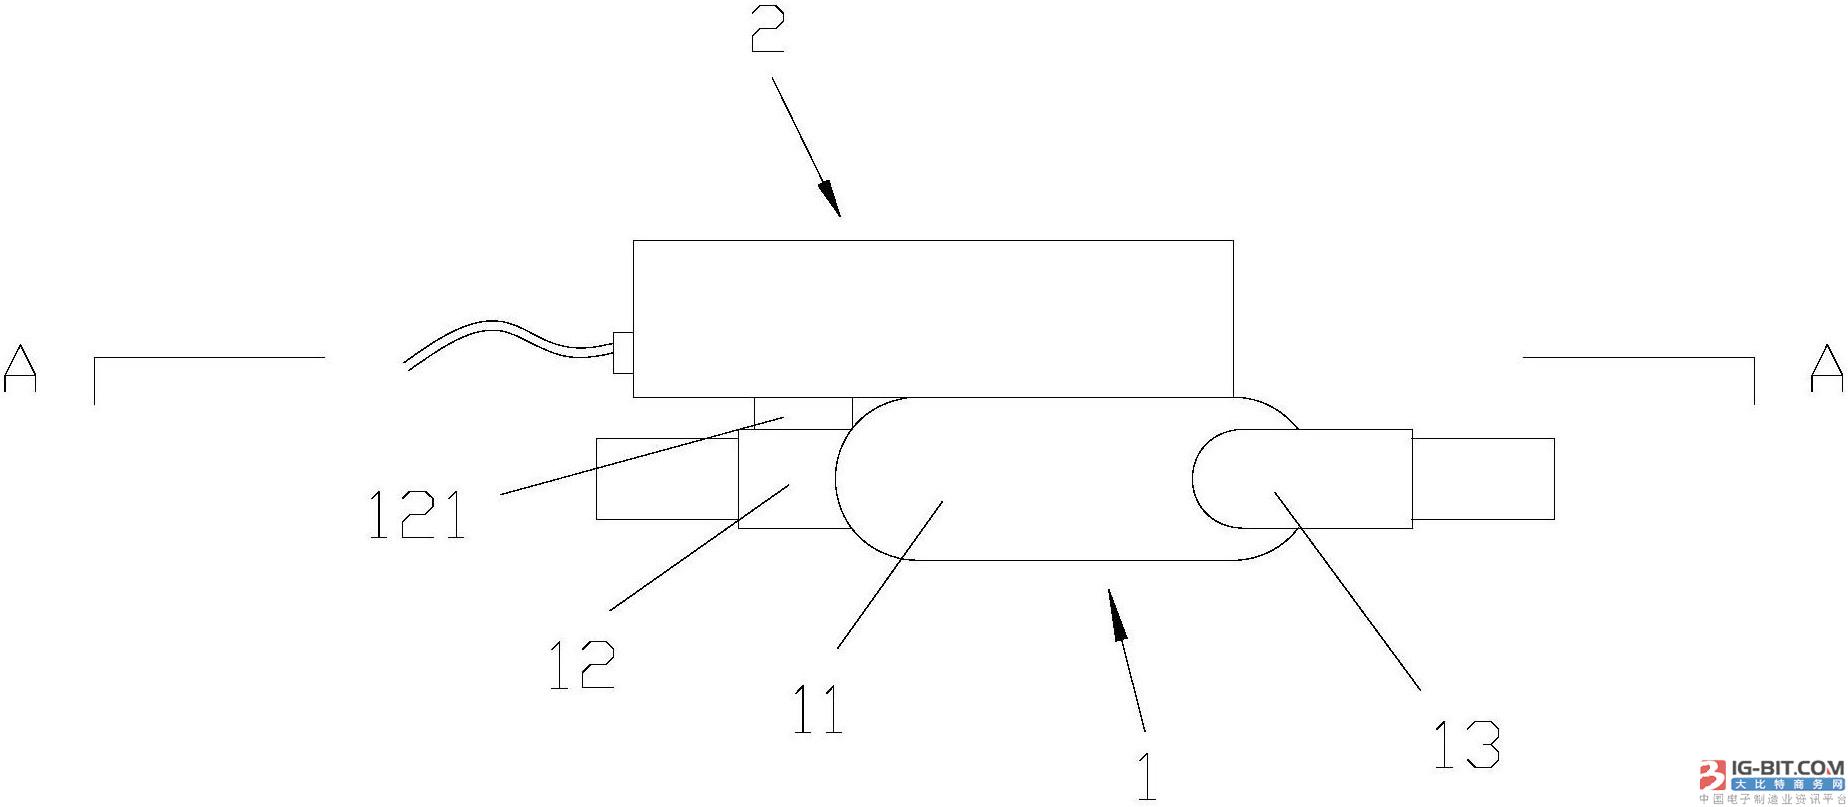 【仪表专利】NB-IoT智能水表